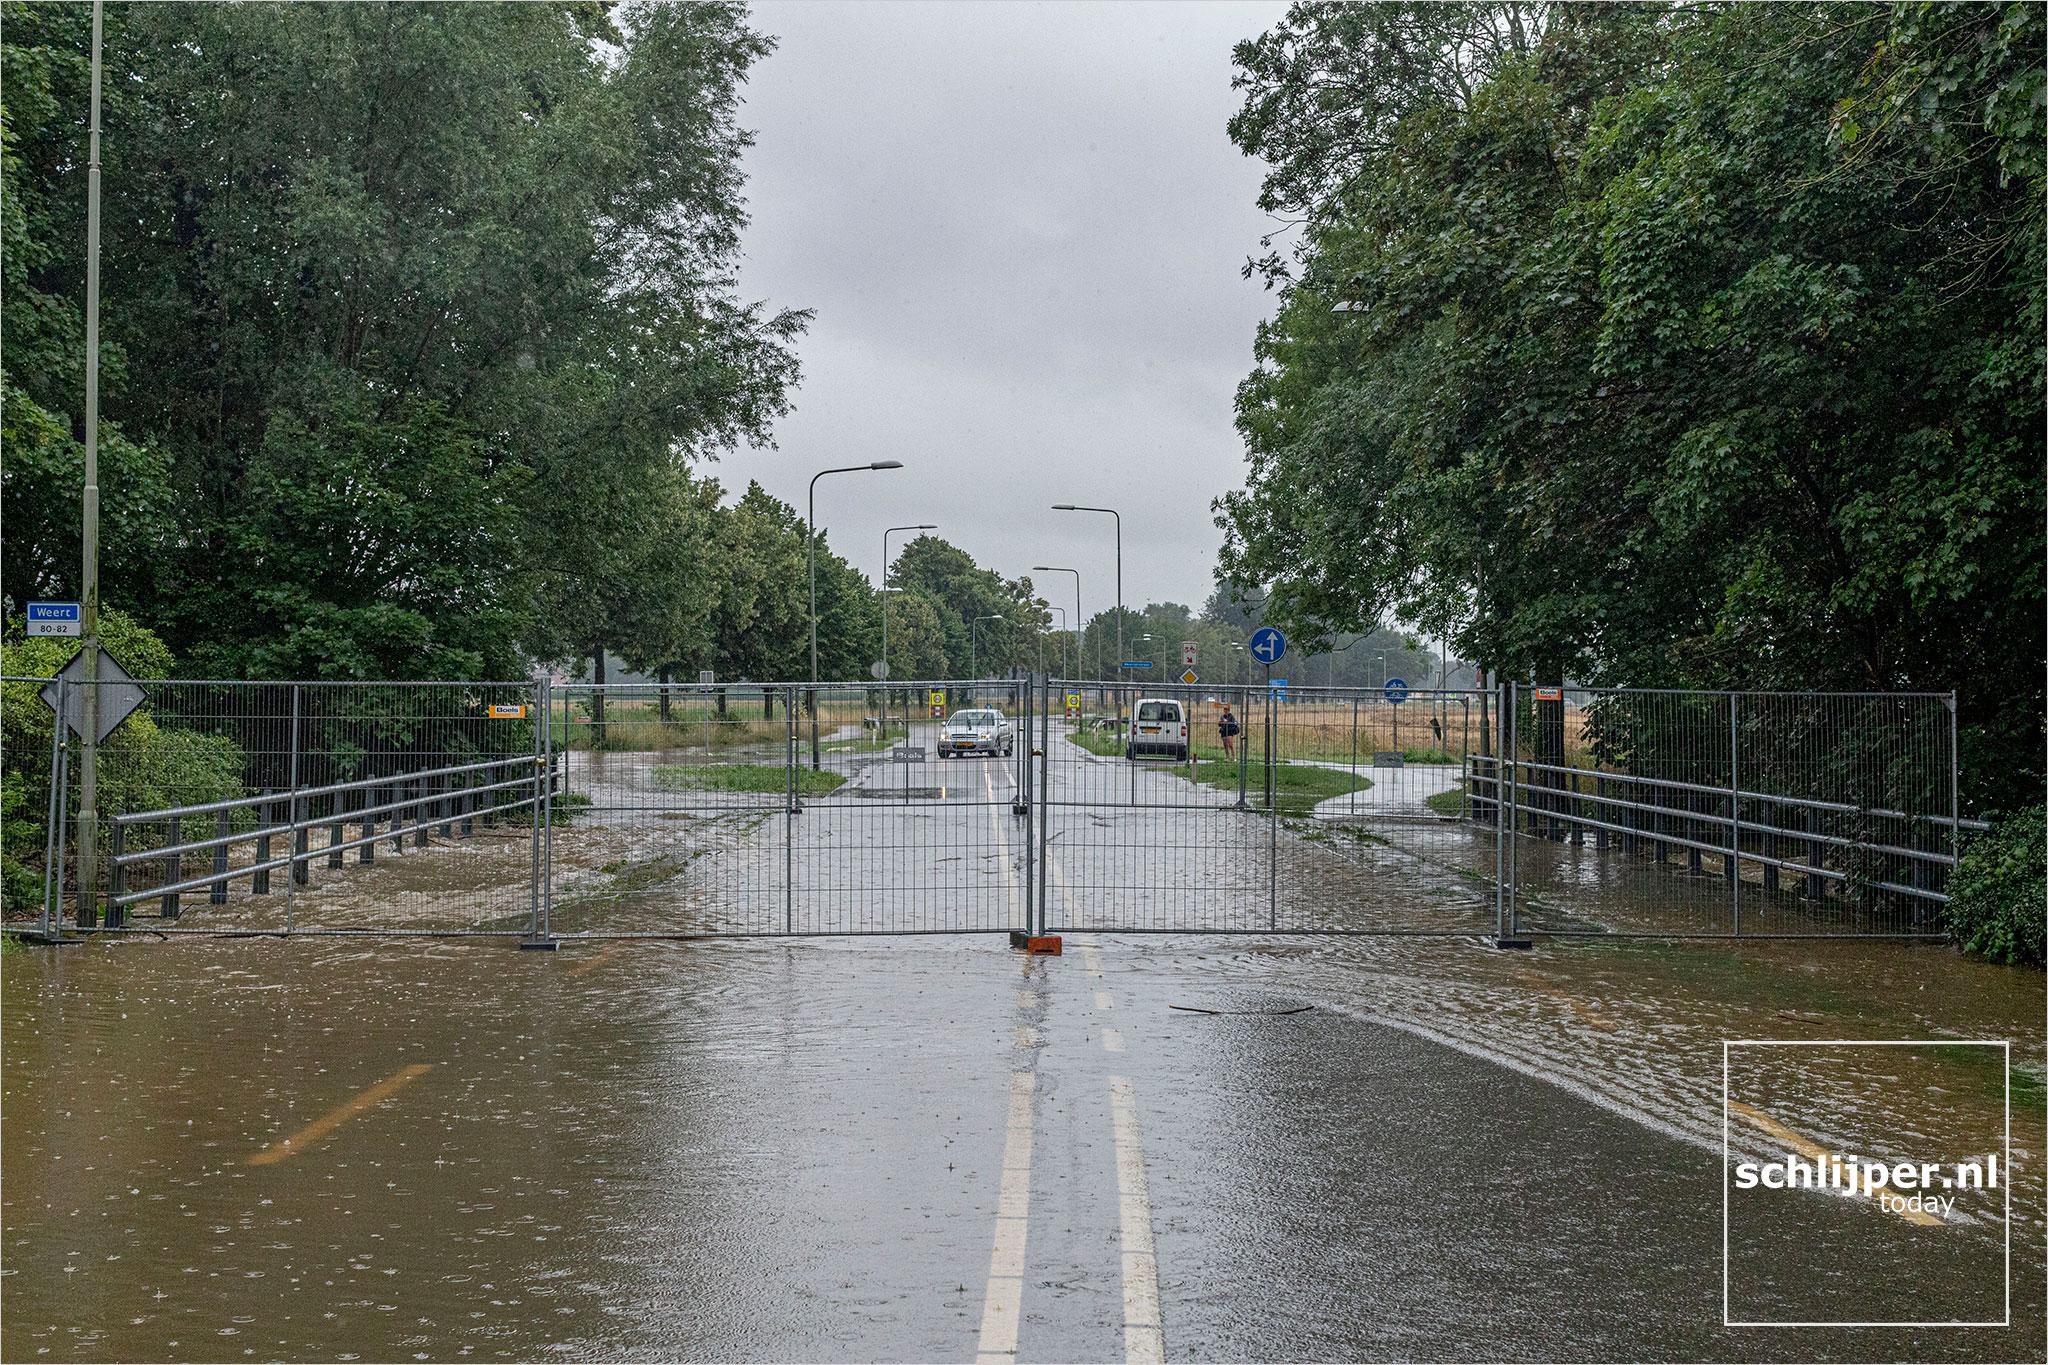 The Netherlands, Meerssen, 15 juli 2021